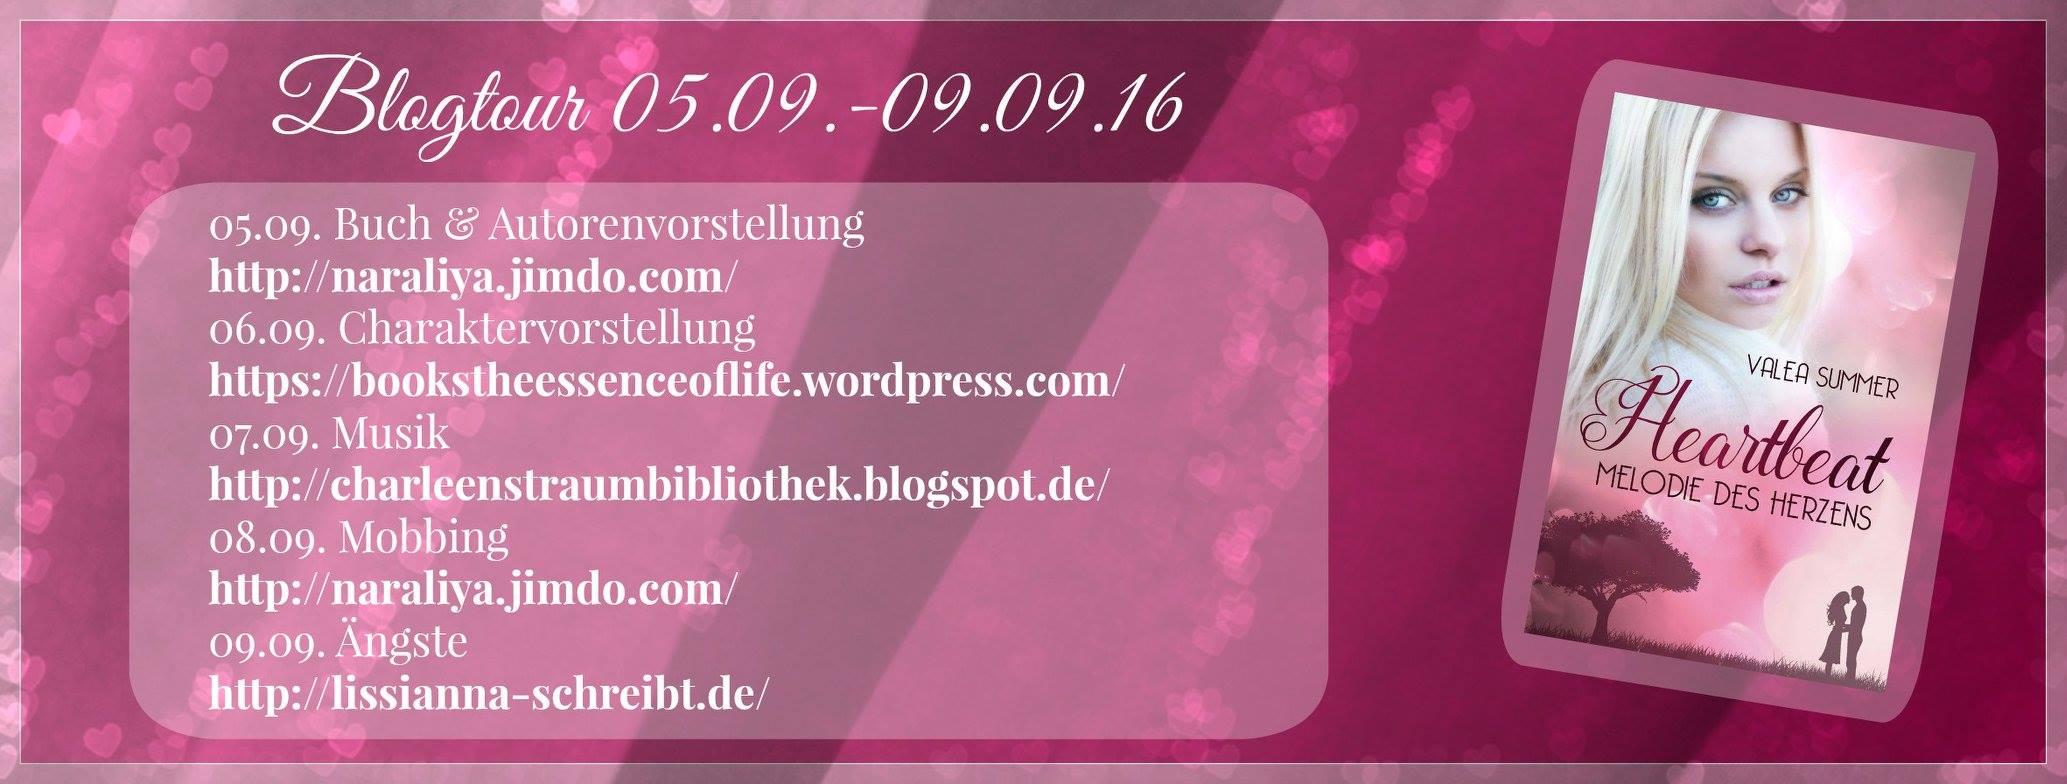 banner blogtour calla und Liam